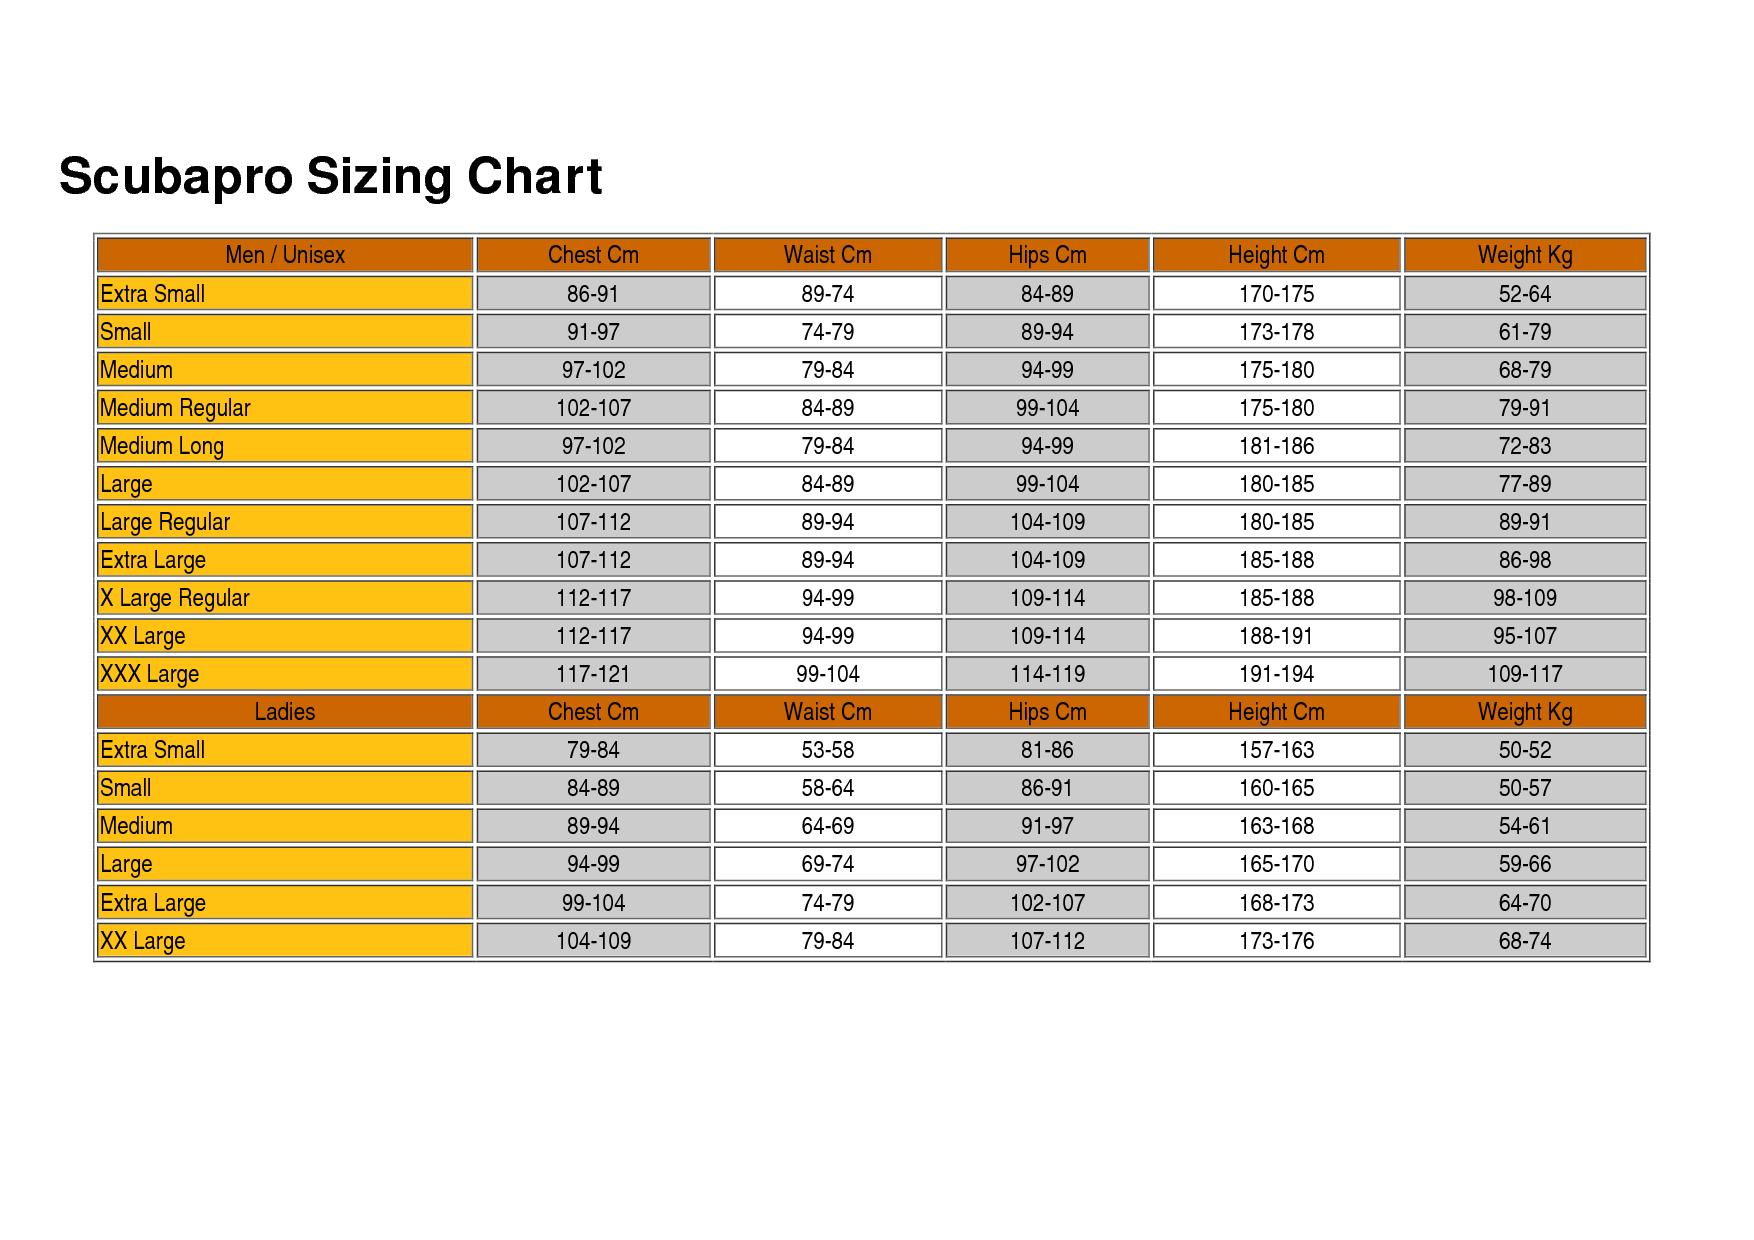 Scubapro size chart